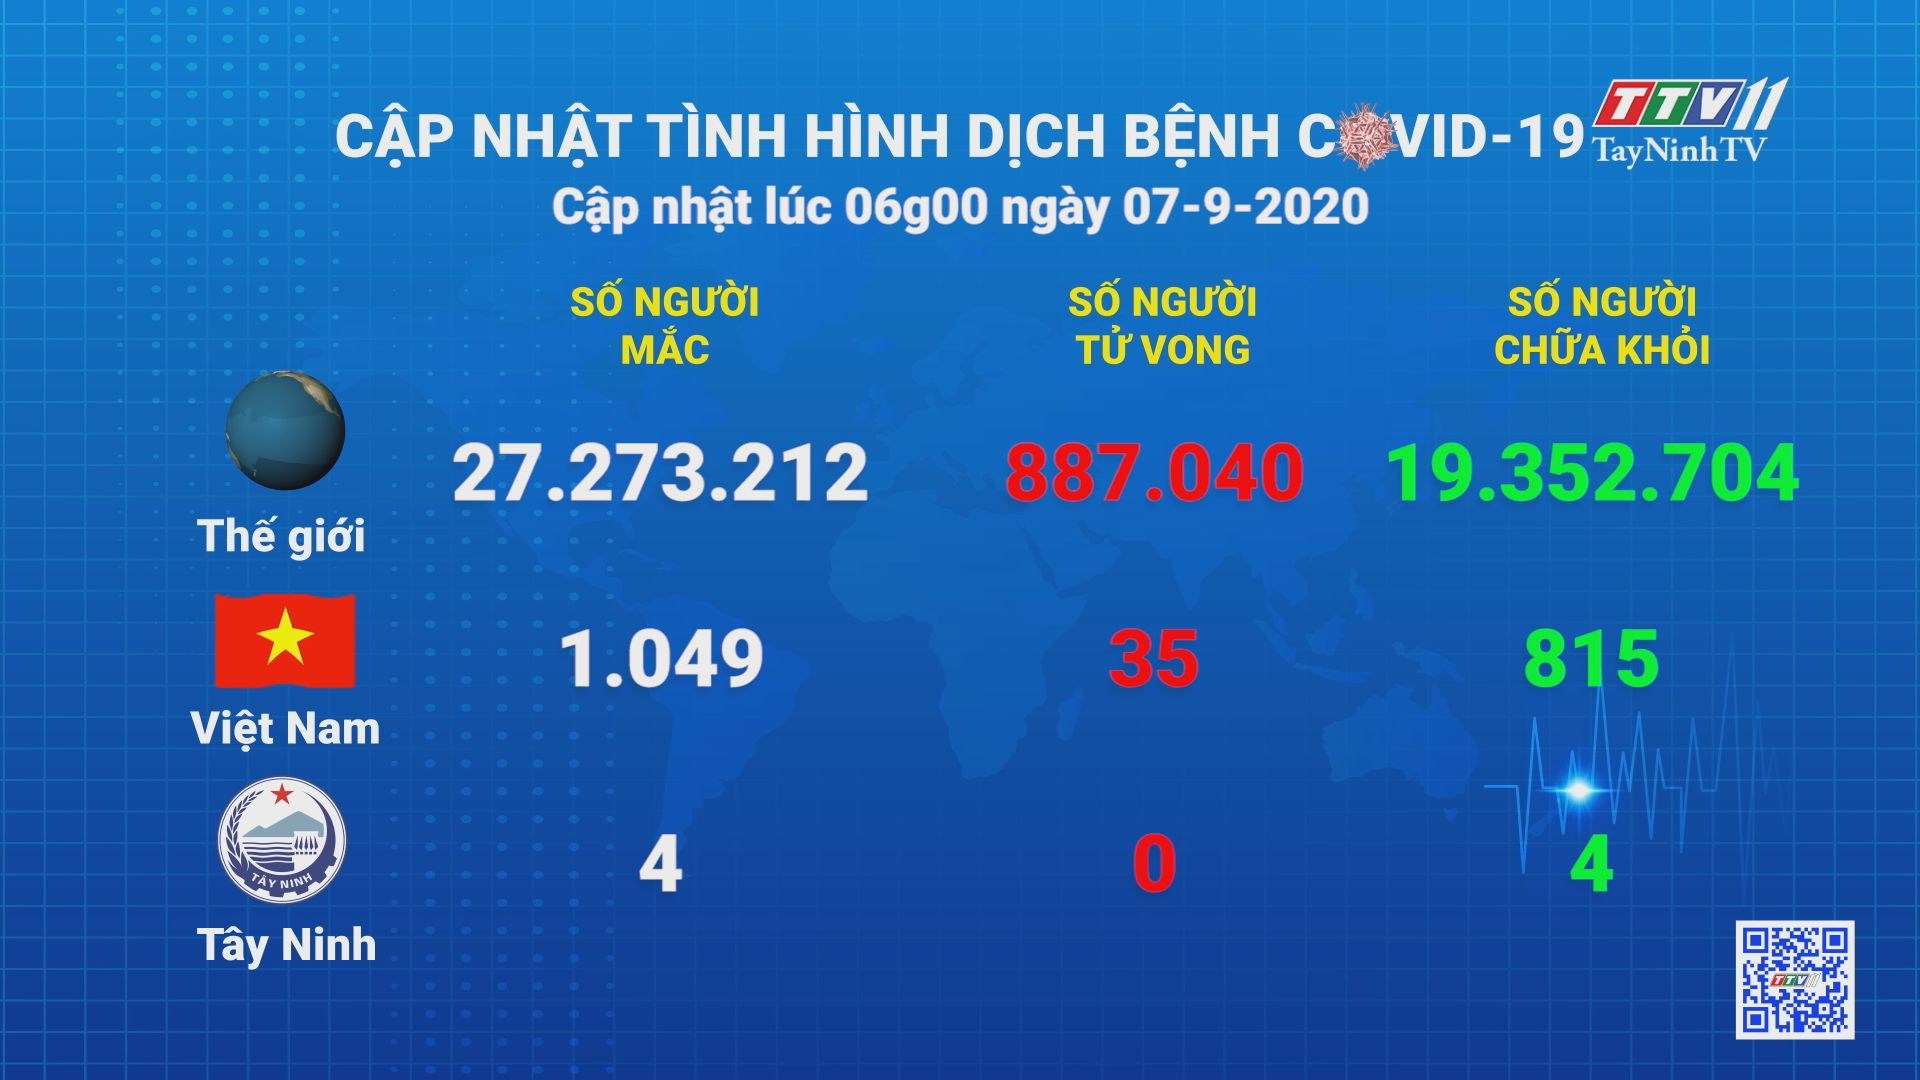 Cập nhật tình hình Covid-19 vào lúc 06 giờ 07-9-2020 | Thông tin dịch Covid-19 | TayNinhTV